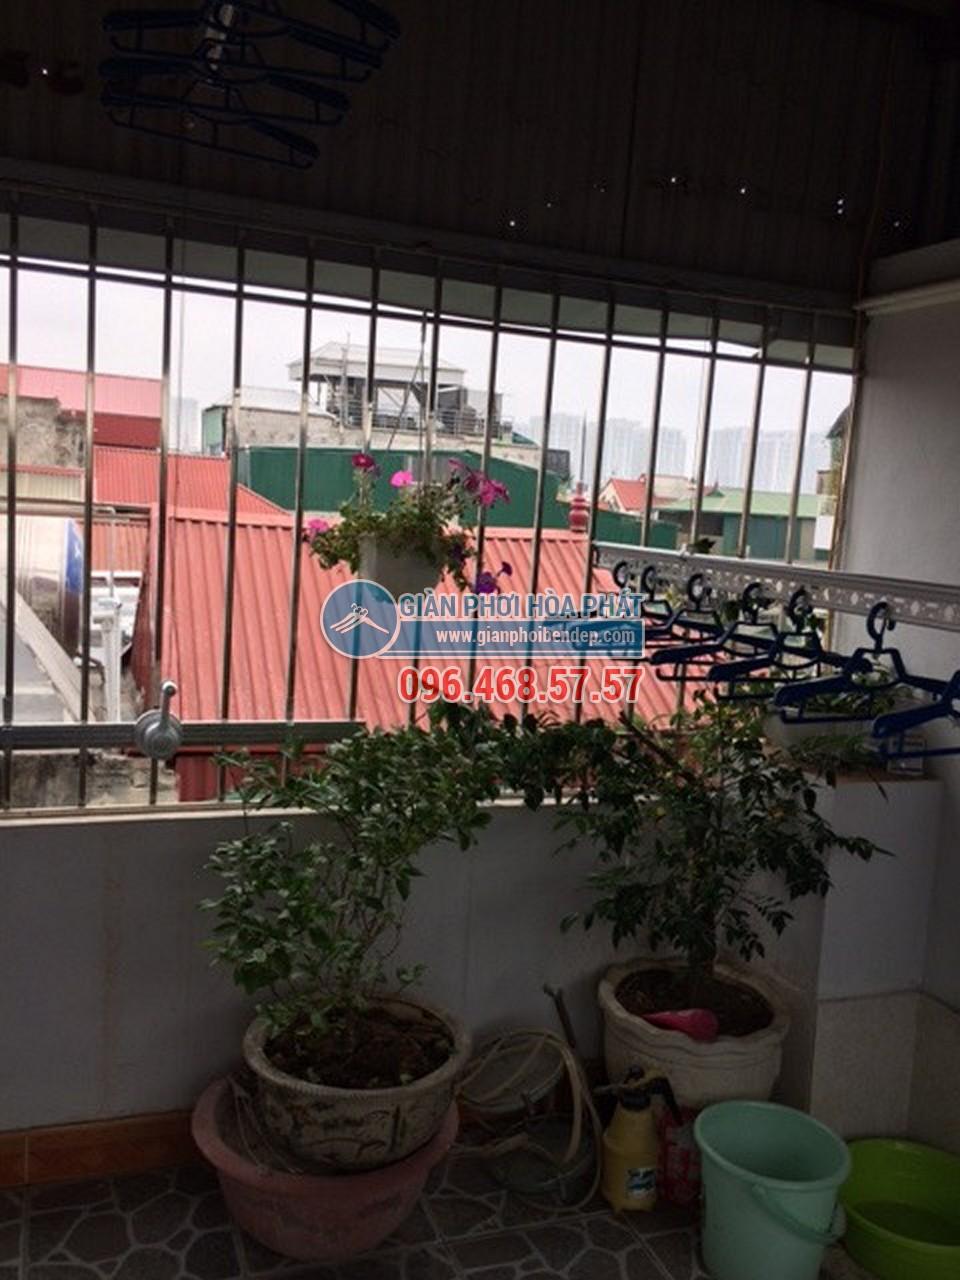 Sân phơi đẹp hiện đại nhờ lắp đặt giàn phơi thông minh nhà chị Hiền, ngõ 103 Thanh Nhàn - 05